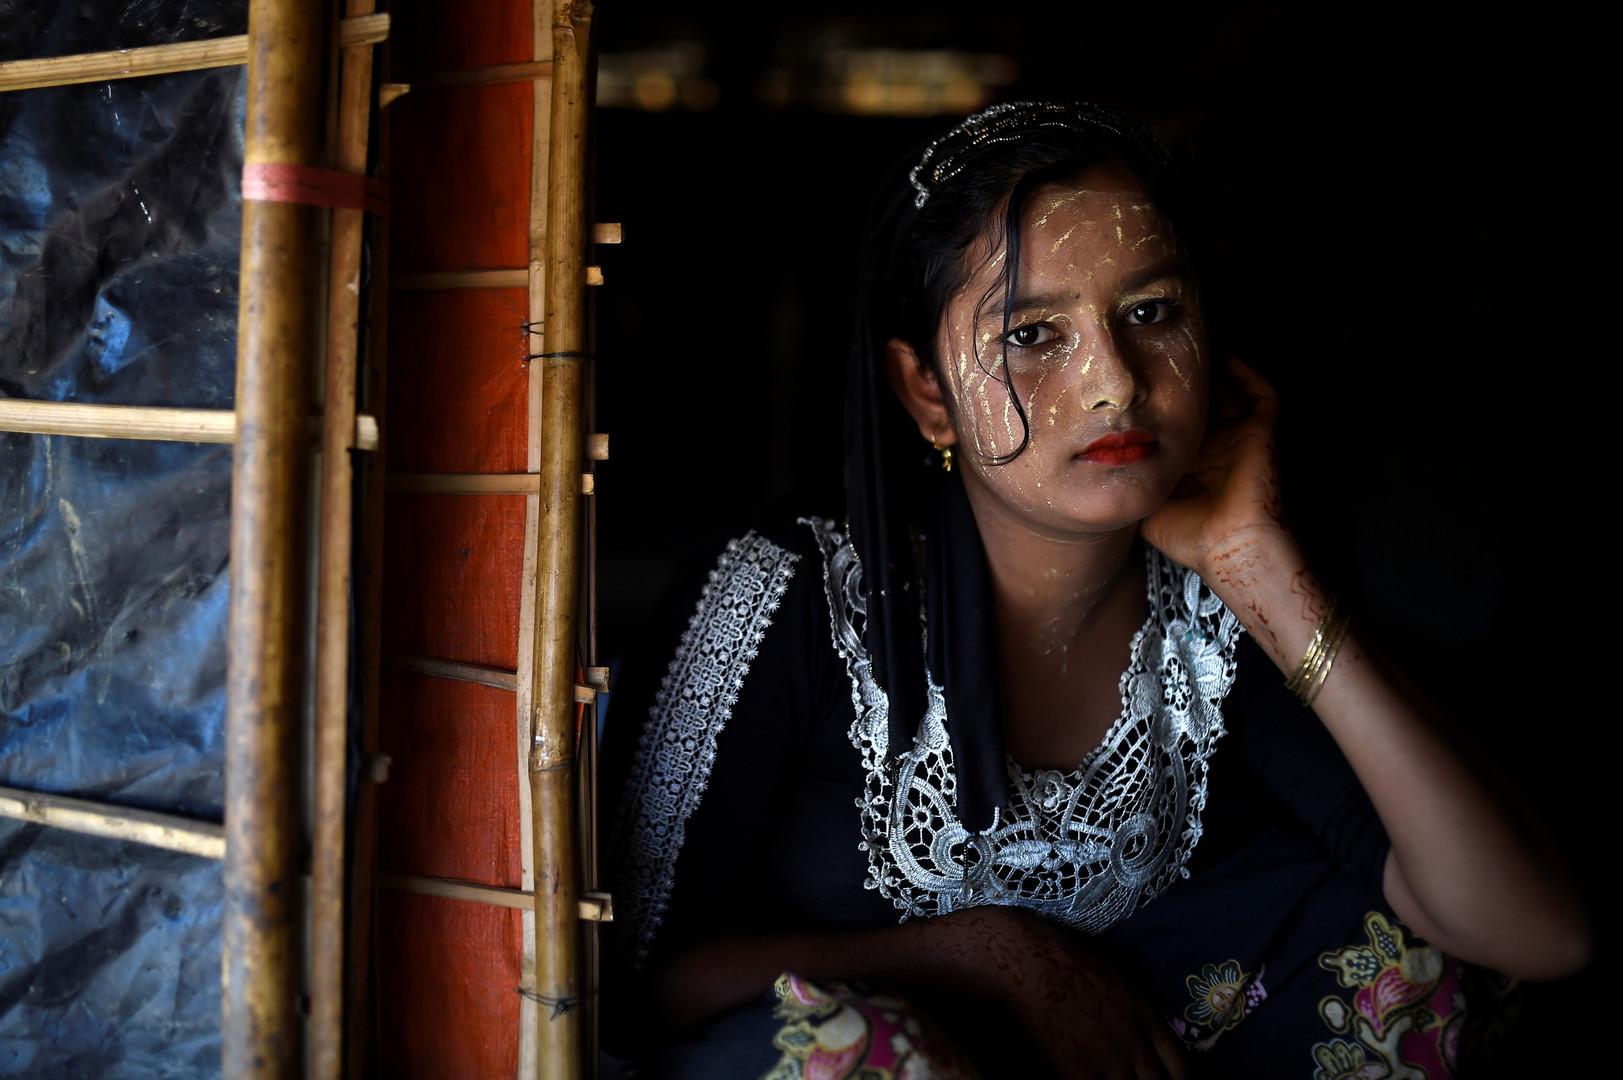 """Juhara Begum, 13 Jahre alt, Jamtoli Camp, Bangladesch, 1. April 2018. Sie berichtet: """"Ich konnte dort (in Myanmar) nicht leeben, weil des Militärs, also kam ich hierher. Das Militär schoß auf uns und schlachtete uns ab. Wir liefen sehr lange, es dauerte fünf Tage, um die Grenze zu erreichen."""""""